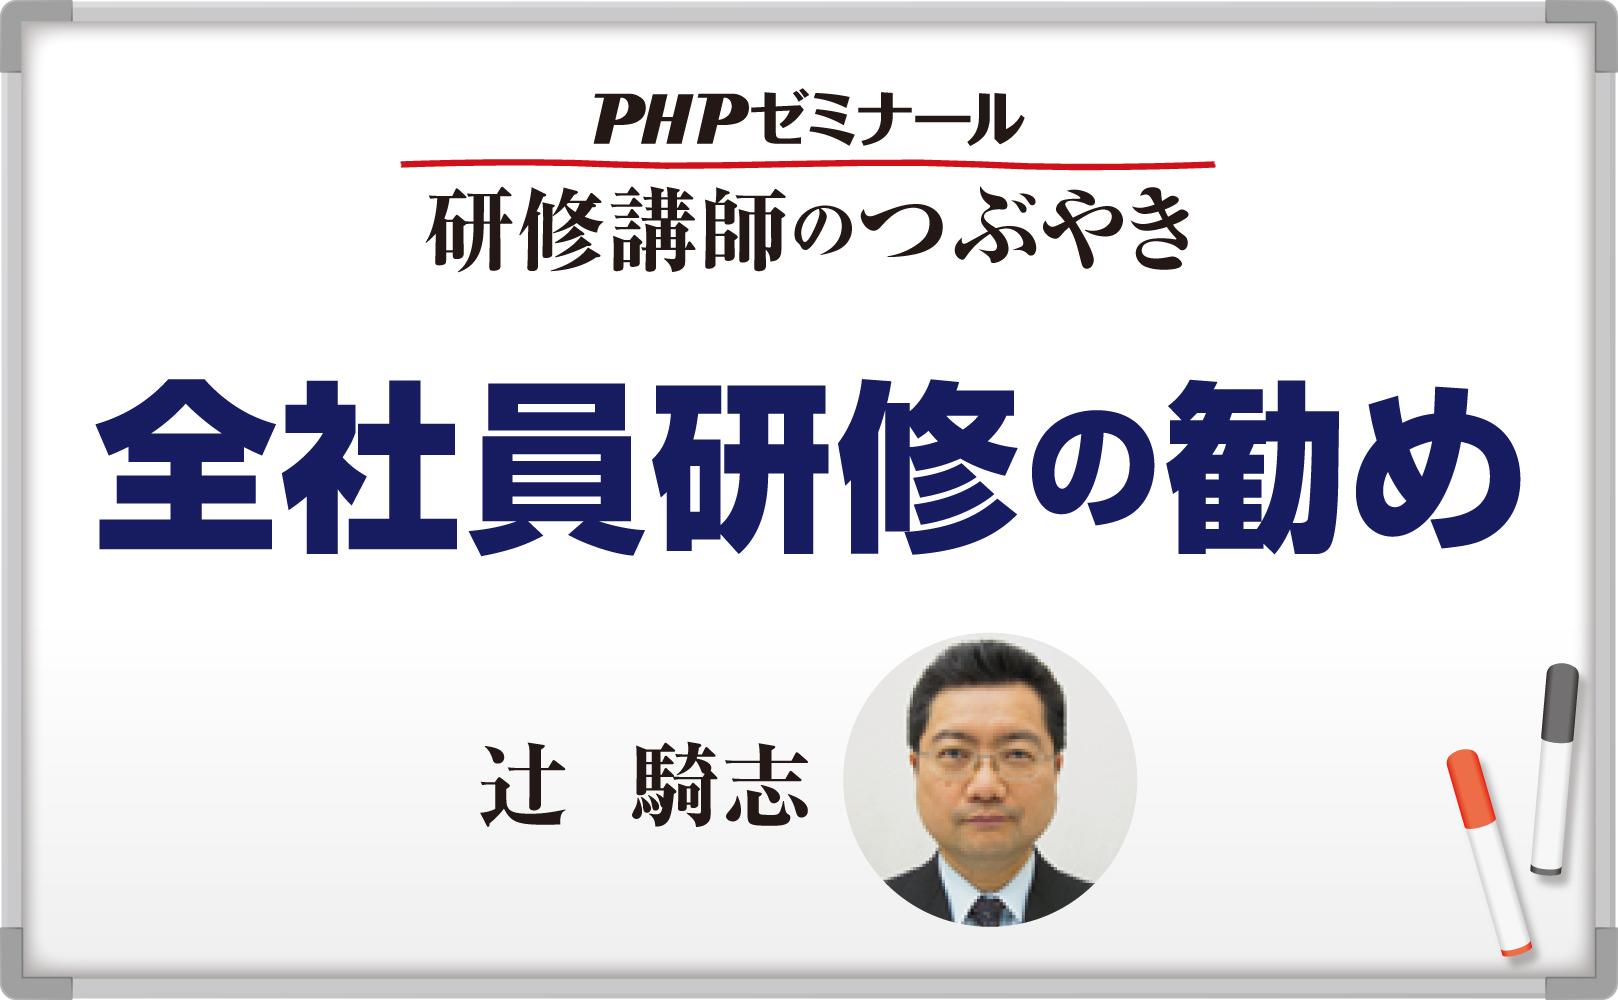 全社員研修の勧め【コラム】~辻騎志